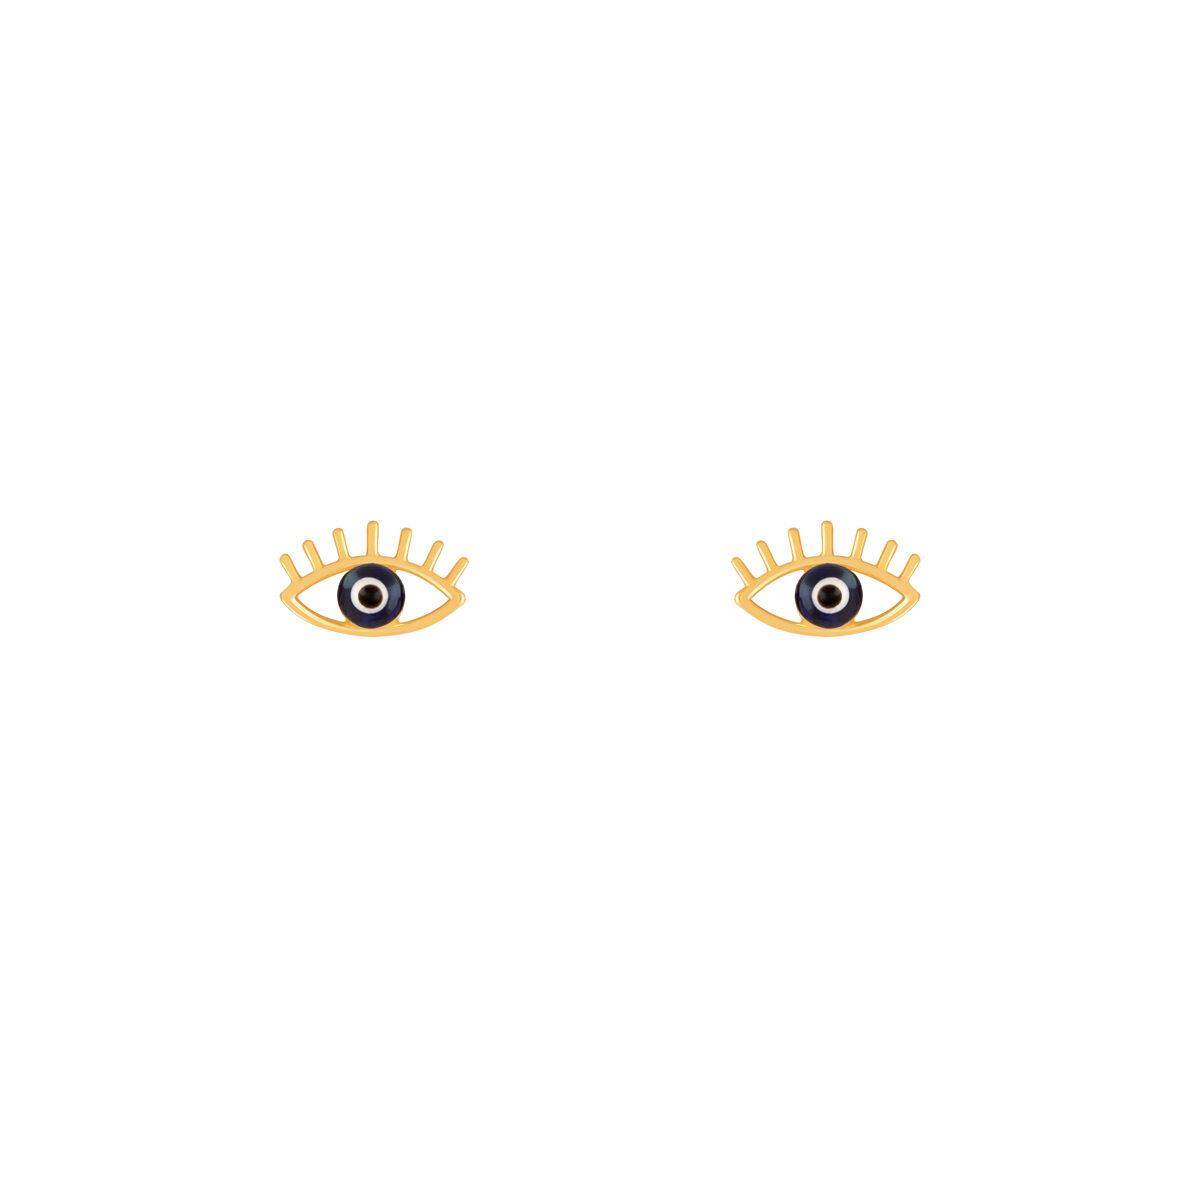 گوشواره طلا چشم مژه دار